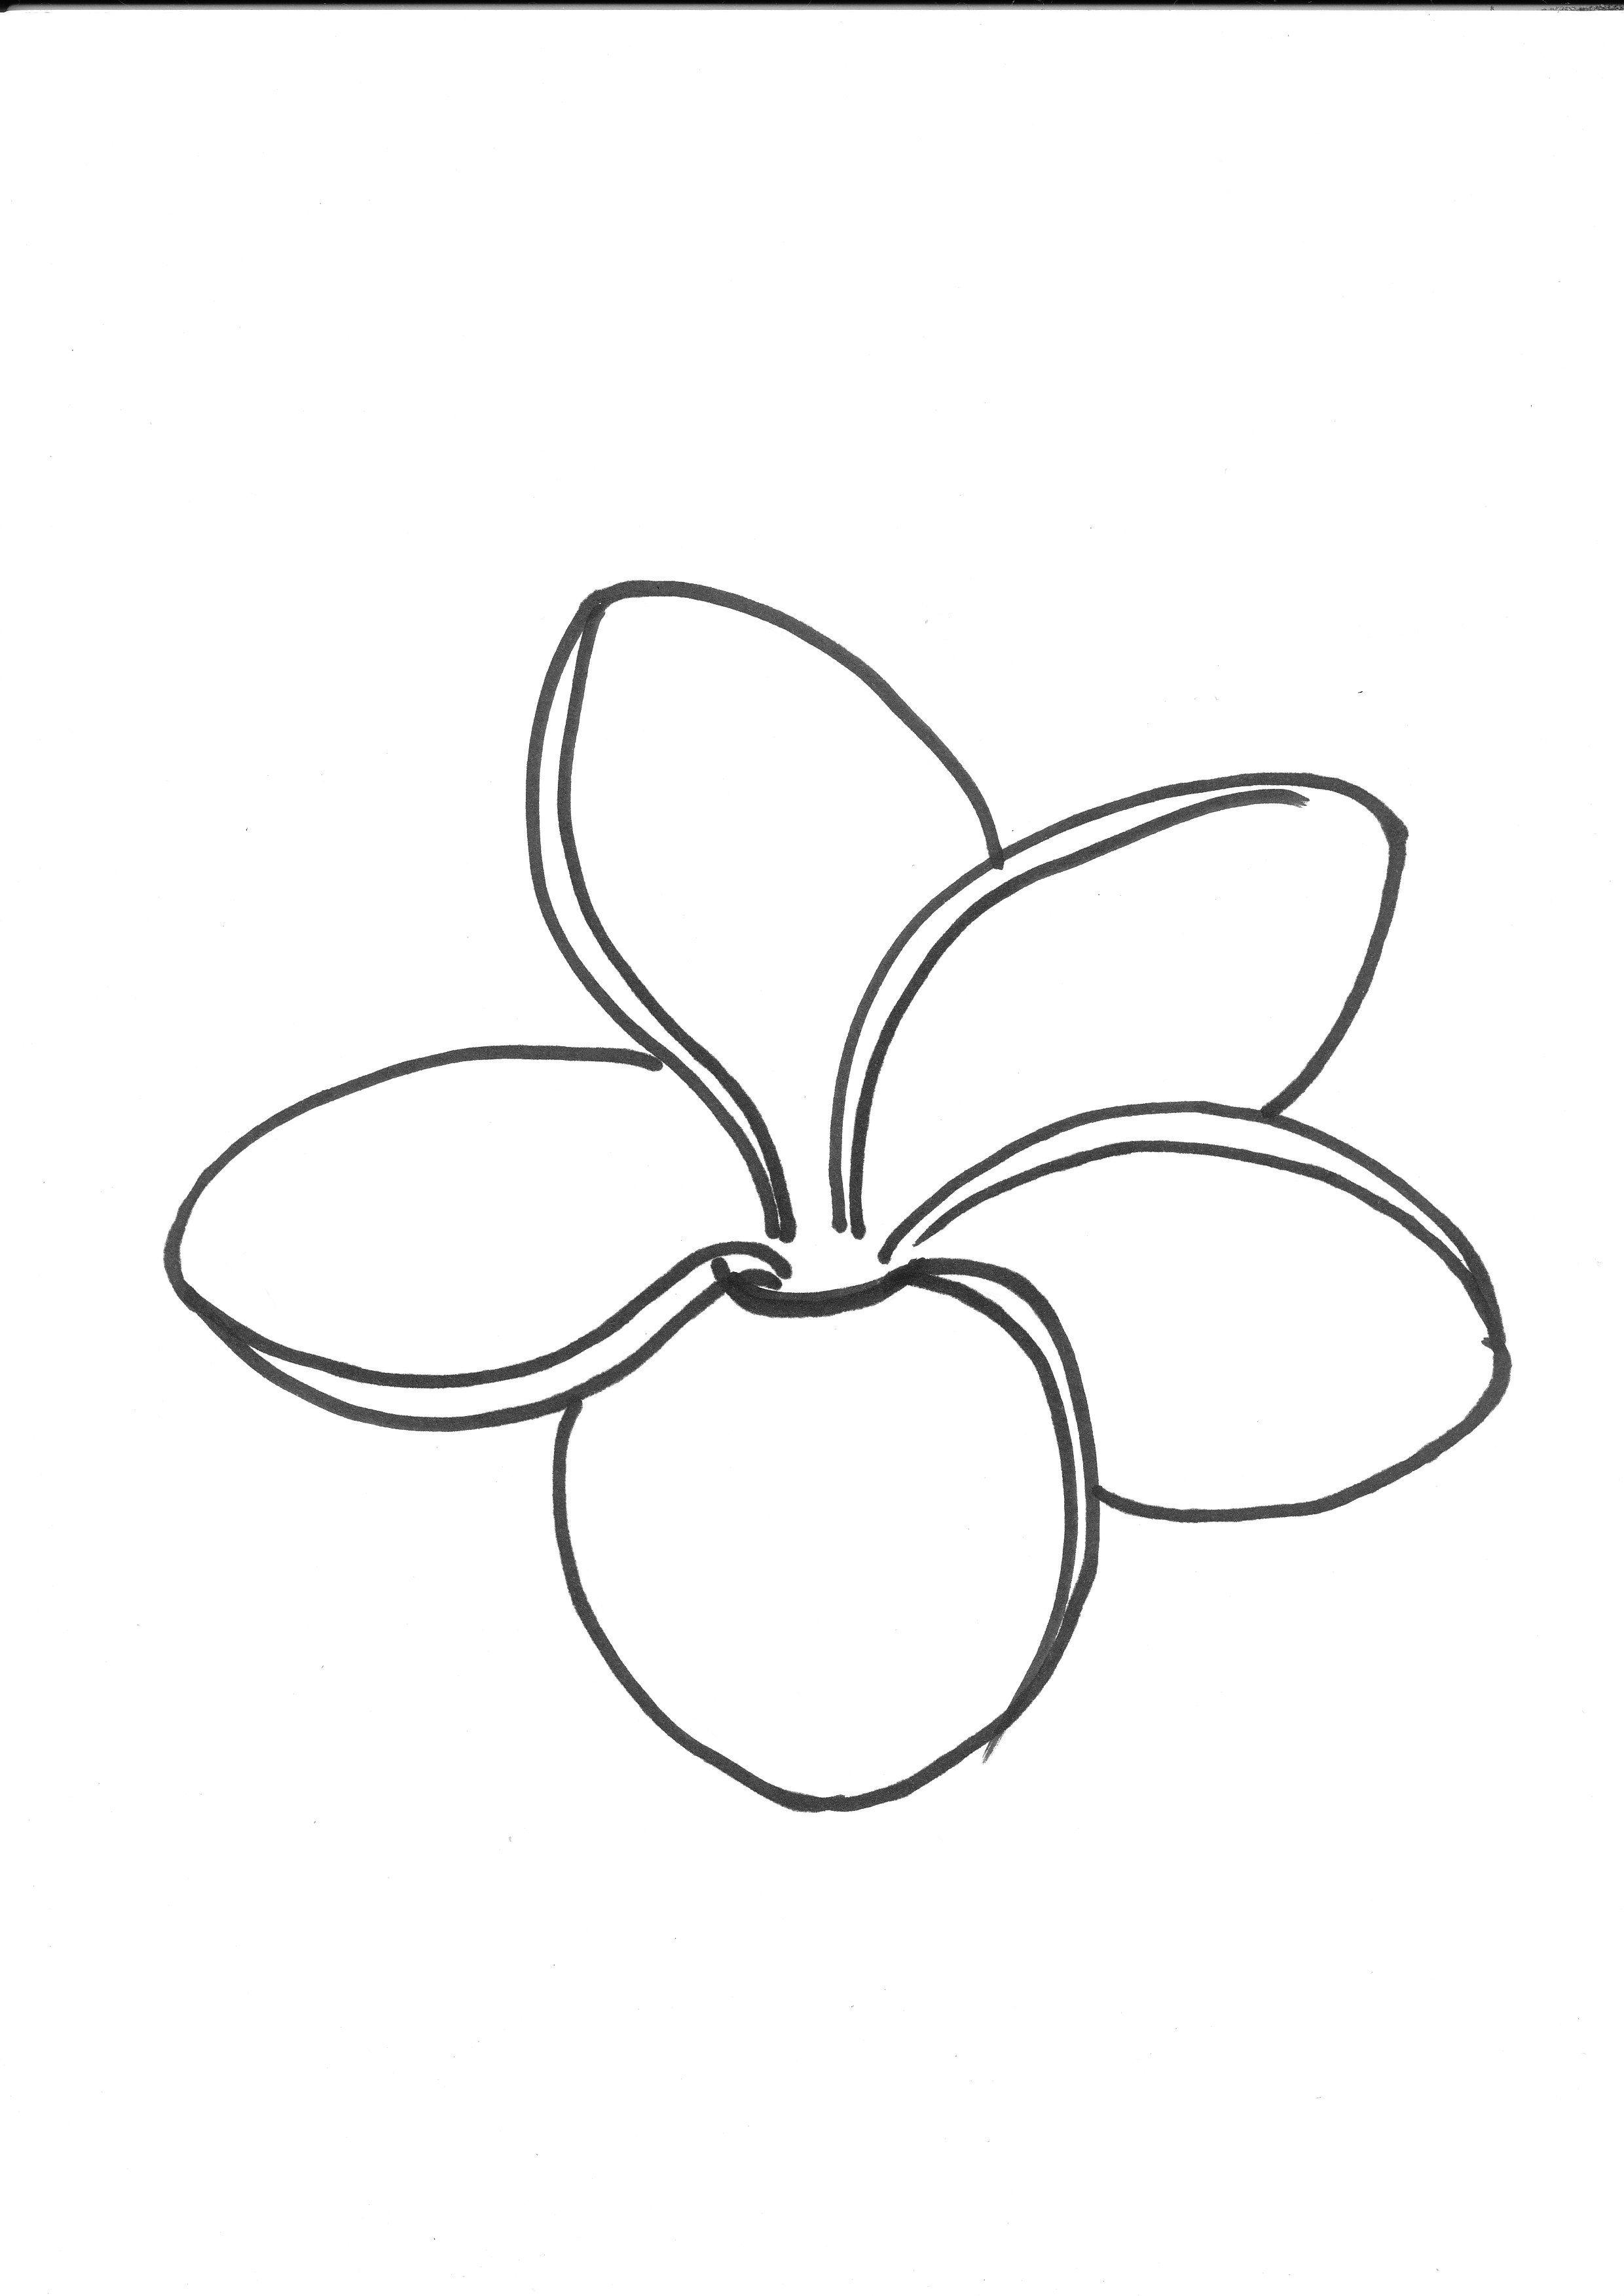 Frang 0007 Jpg 2 480 3 507 Pixels Flower Tattoo Drawings